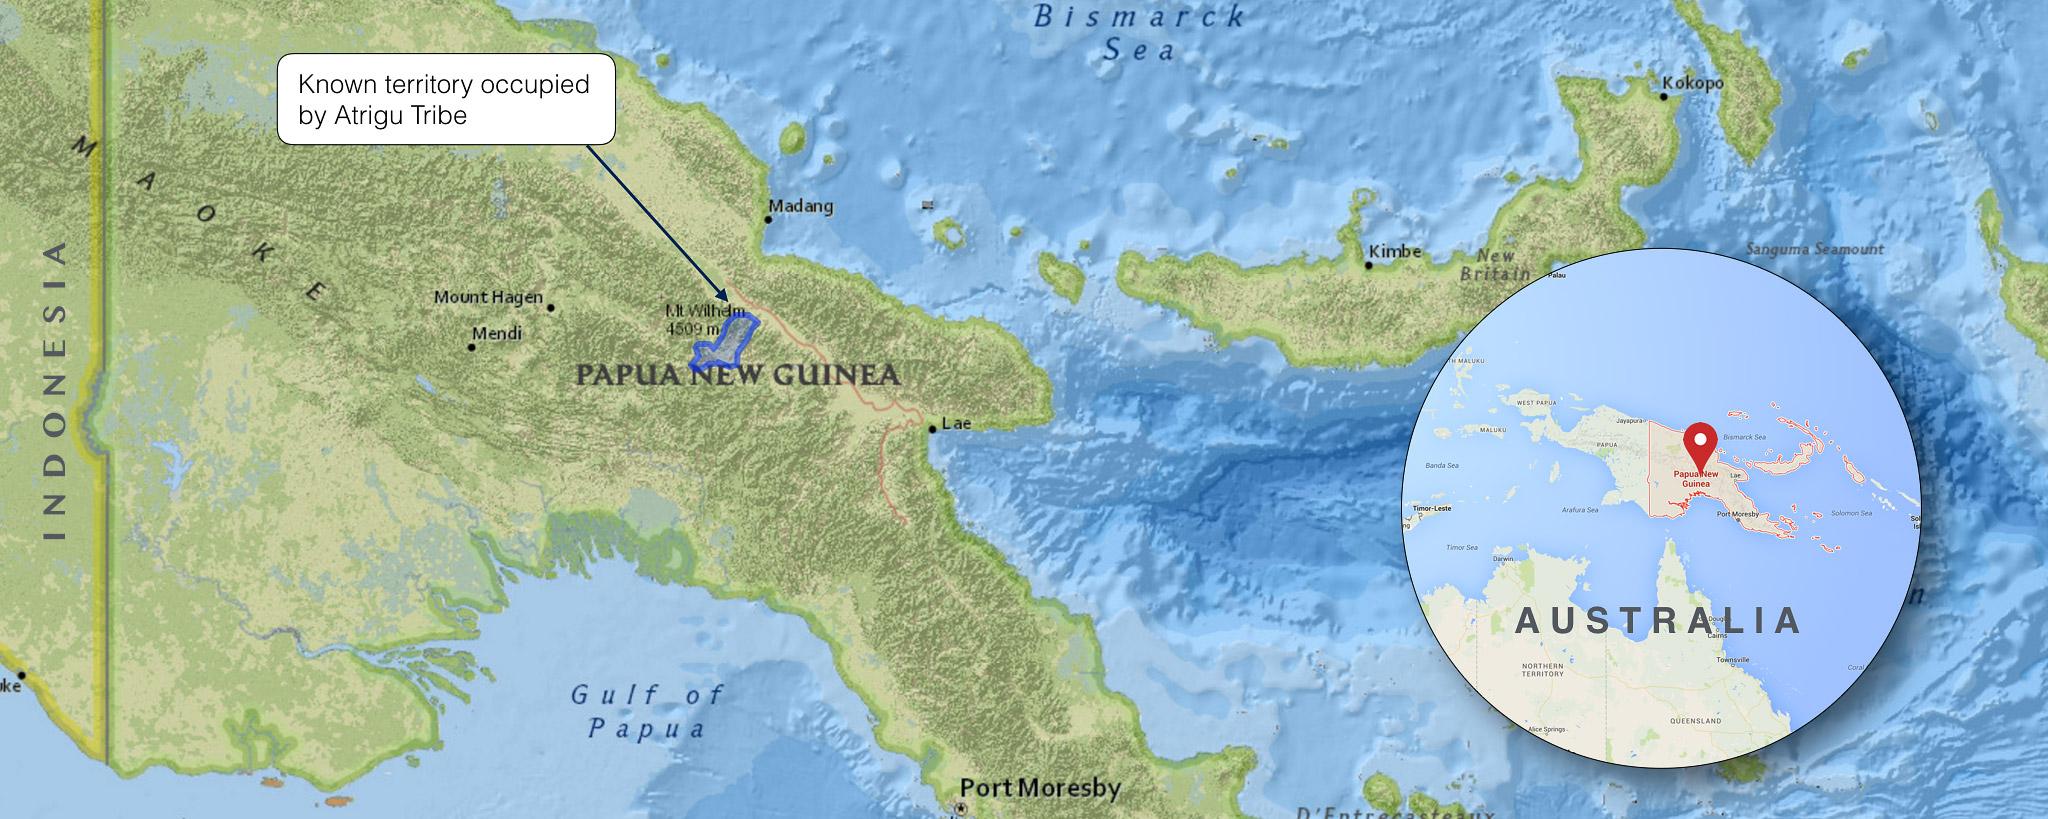 ATRIGU TRIBE CONTROLLED TERRITORY IN PAPUA NEW GUINEA